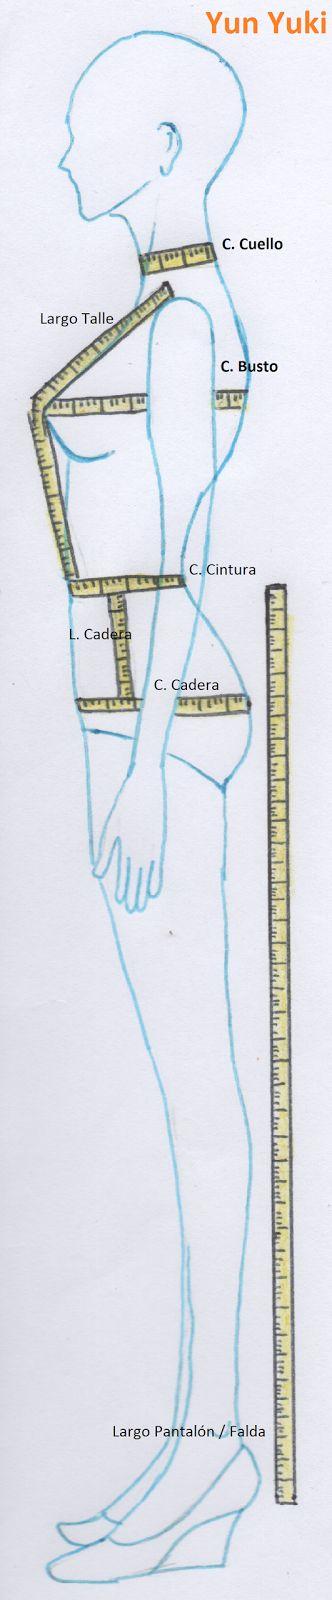 Contorno Cuello :  se mide pasando la cinta métrica alrededor del cuello por la parte más baja     Contorno Busto:  Se mi de alrededor ...